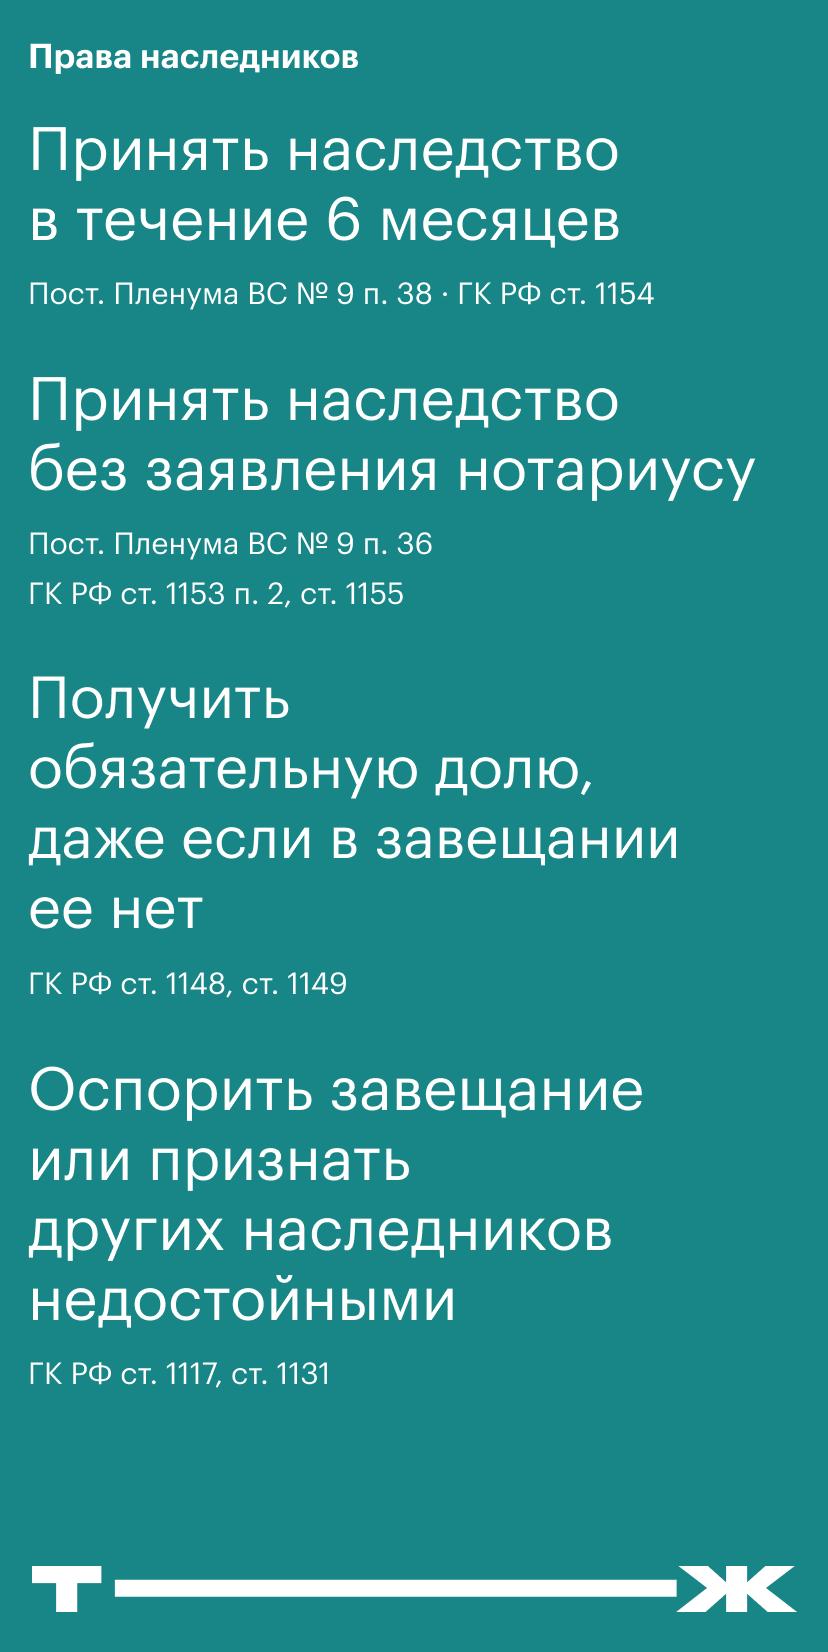 Наследники первой очереди по закону ГК РФ: кто является наследниками первой очереди и как делится наследство